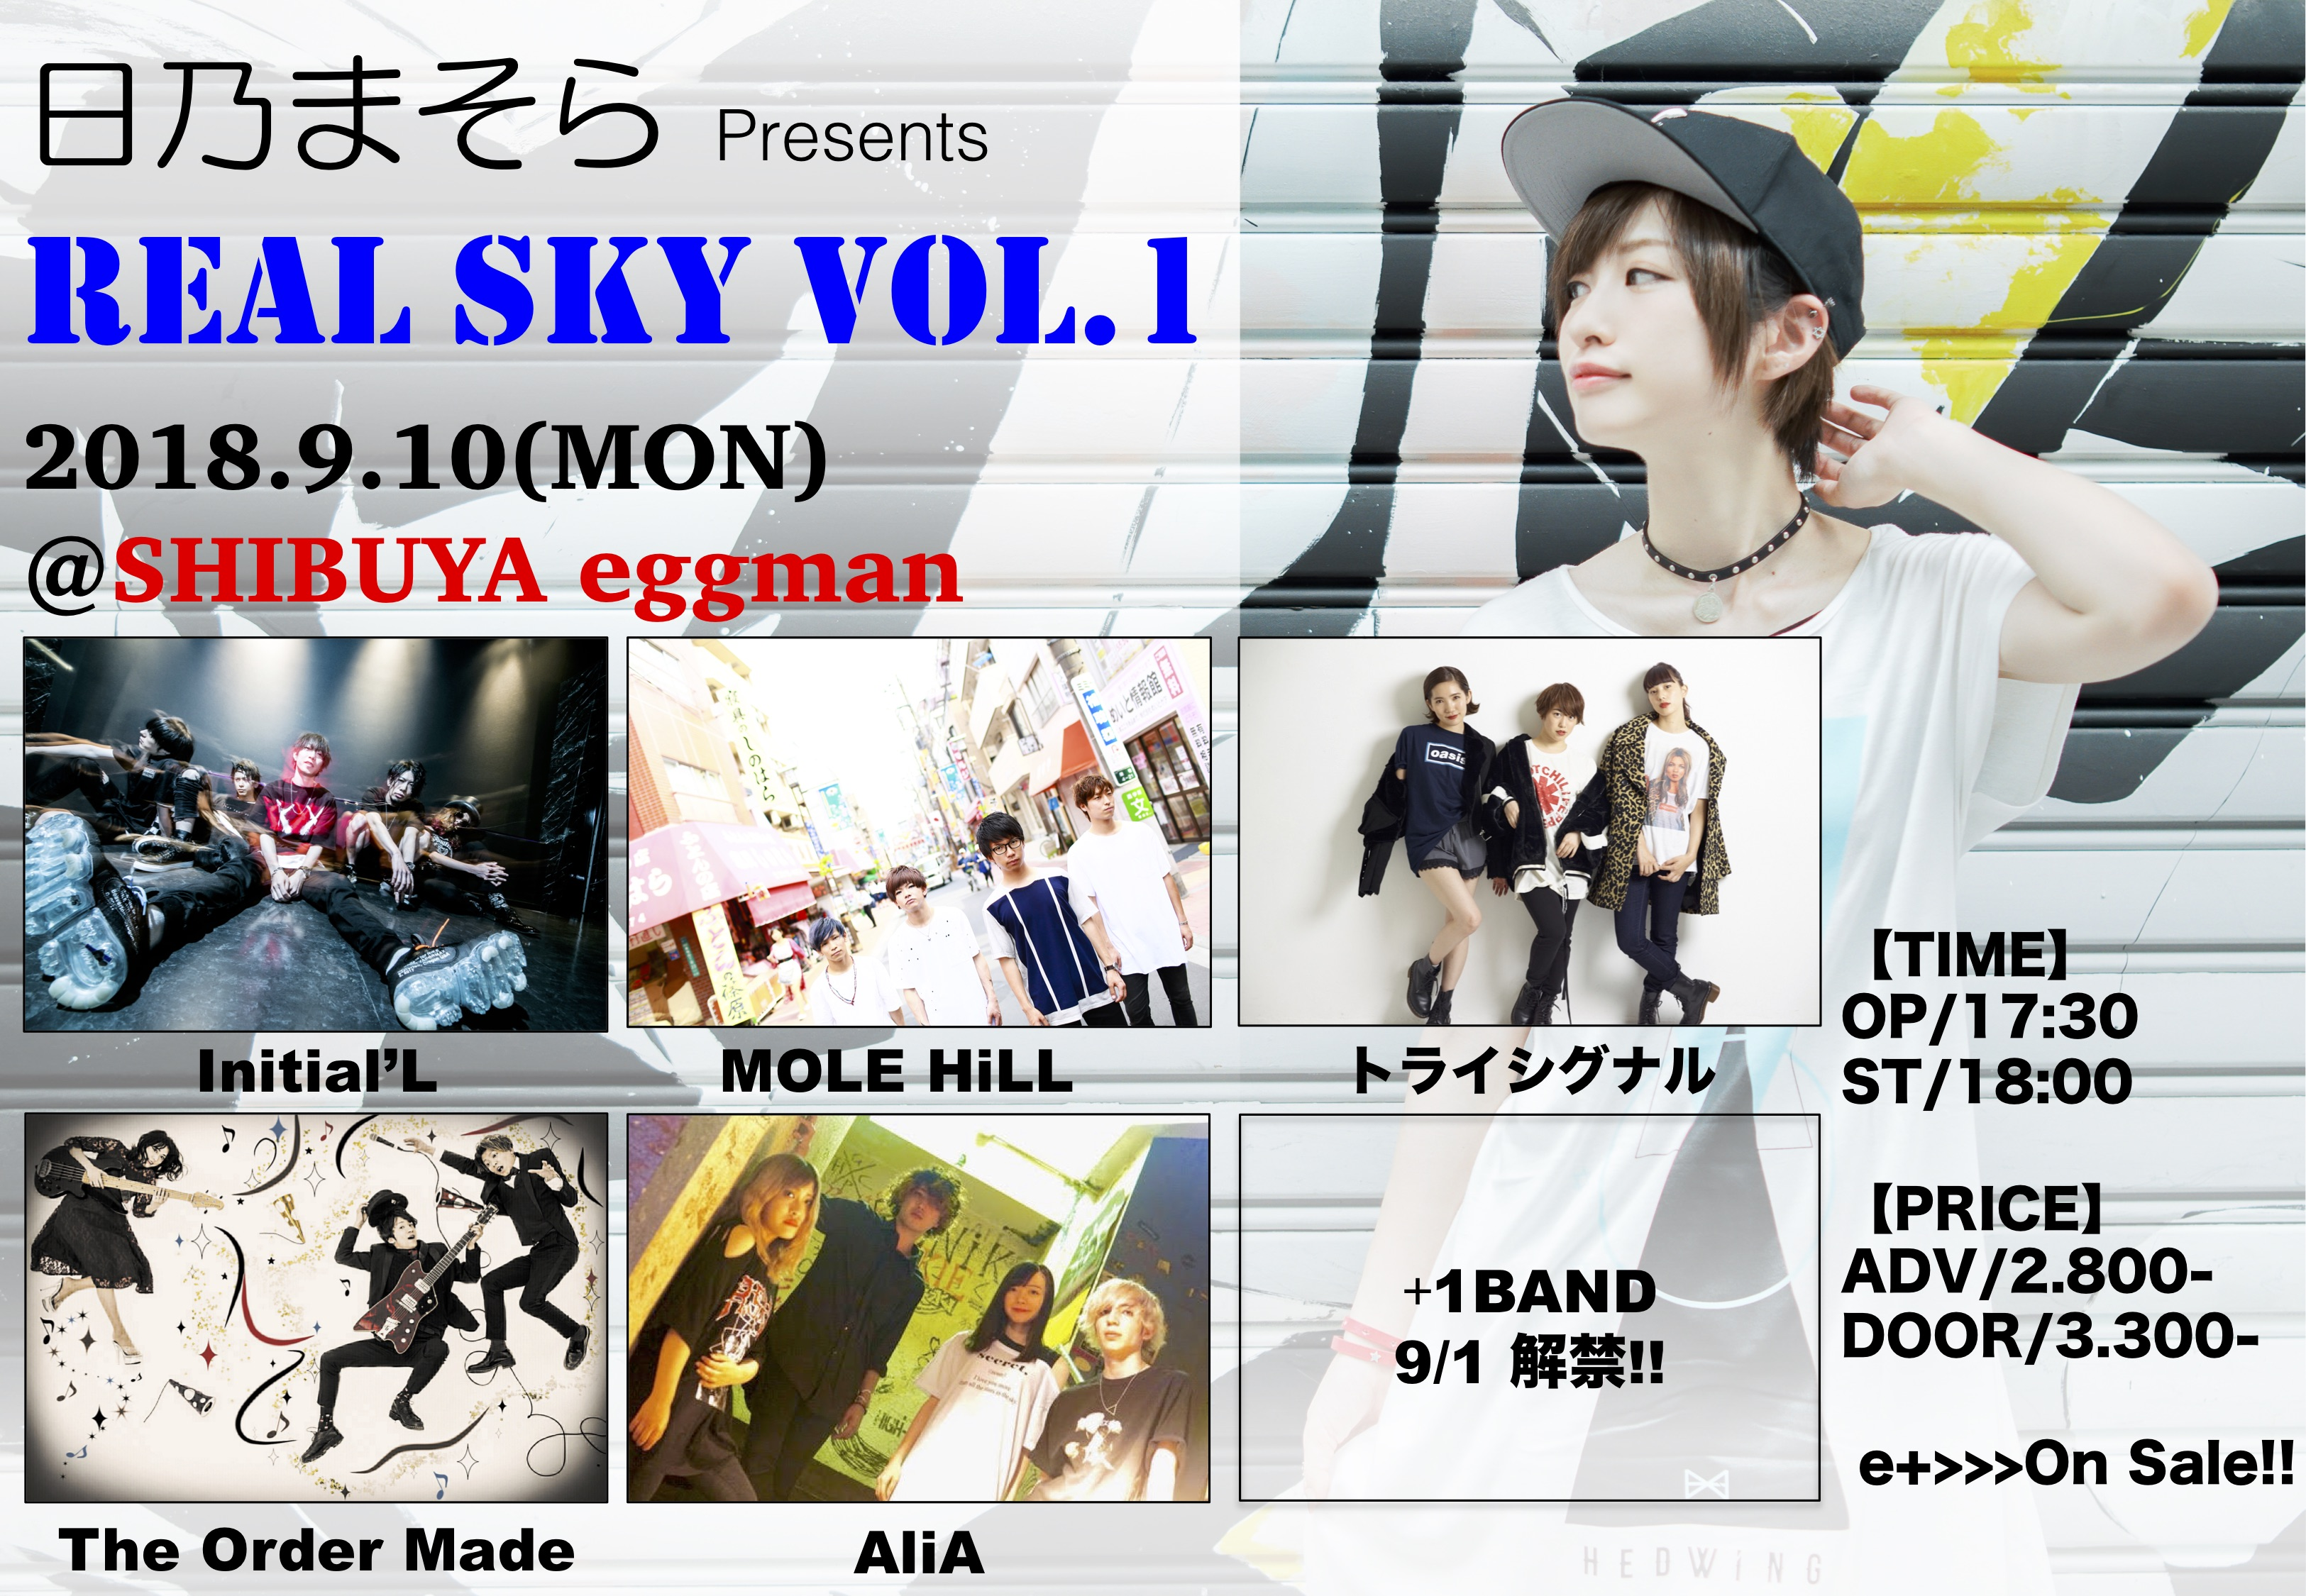 日乃まそら presents 「REAL SKY Vol.1」